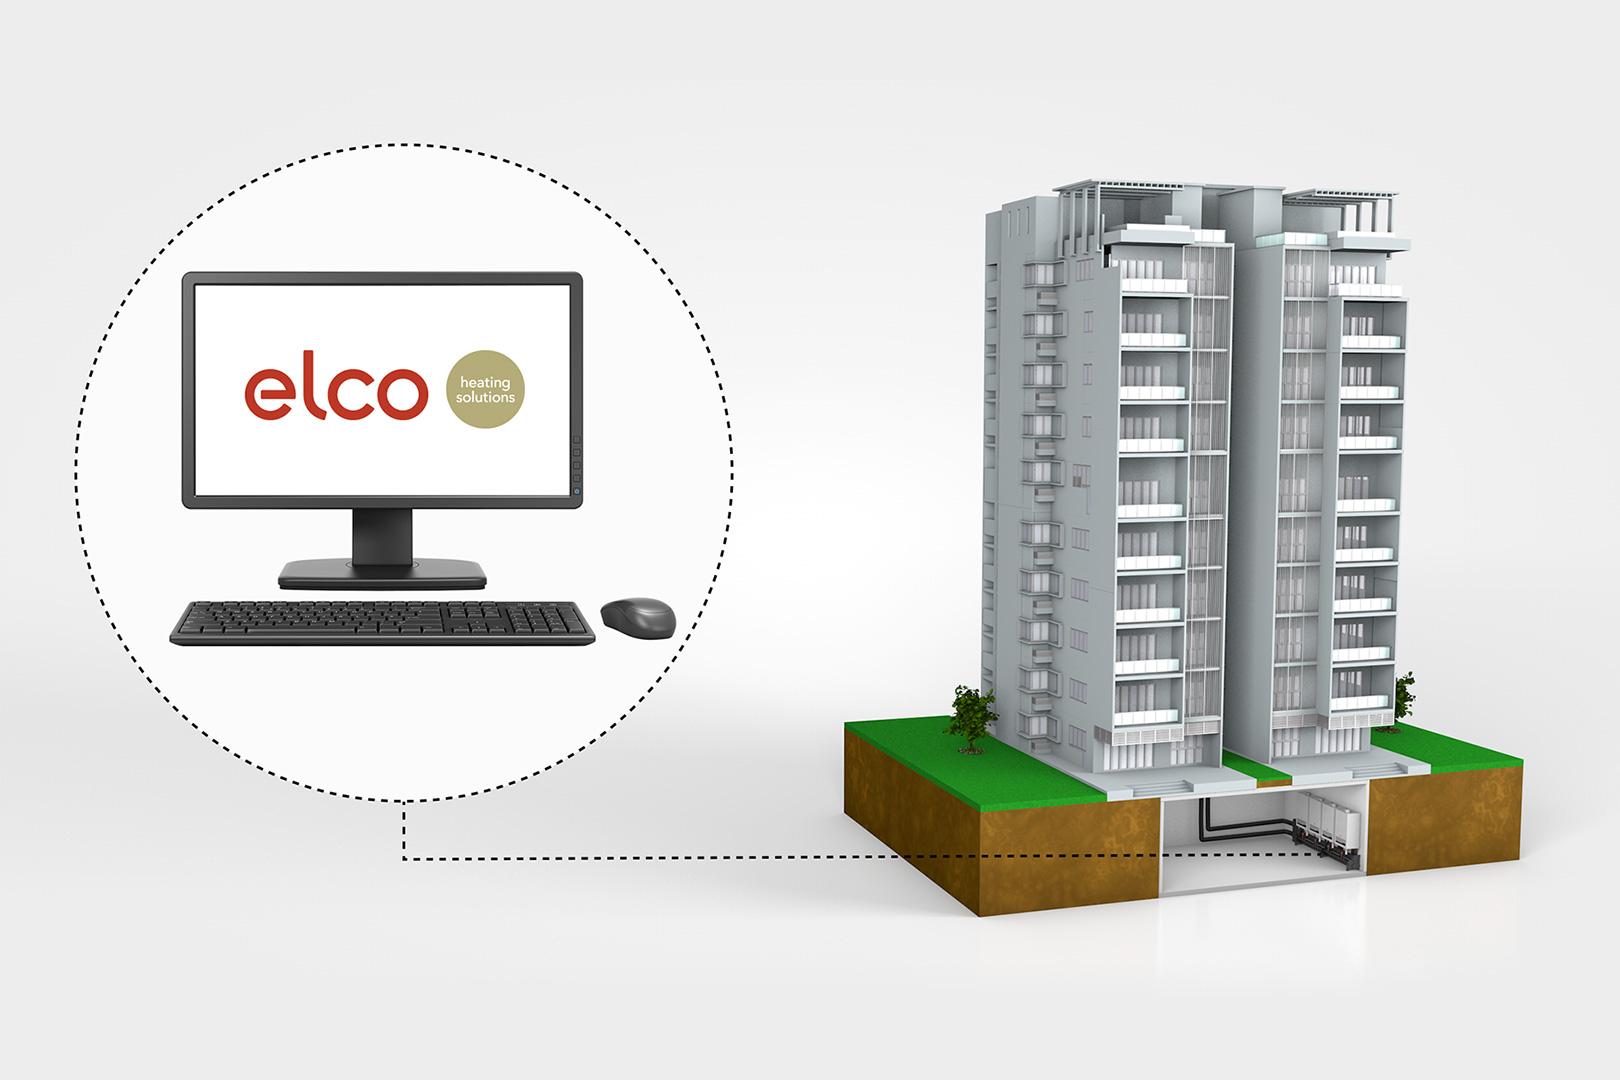 ELCO lansează o nouă gamă de cazane industriale adaptată noilor cerințe  din piața locală de construcții